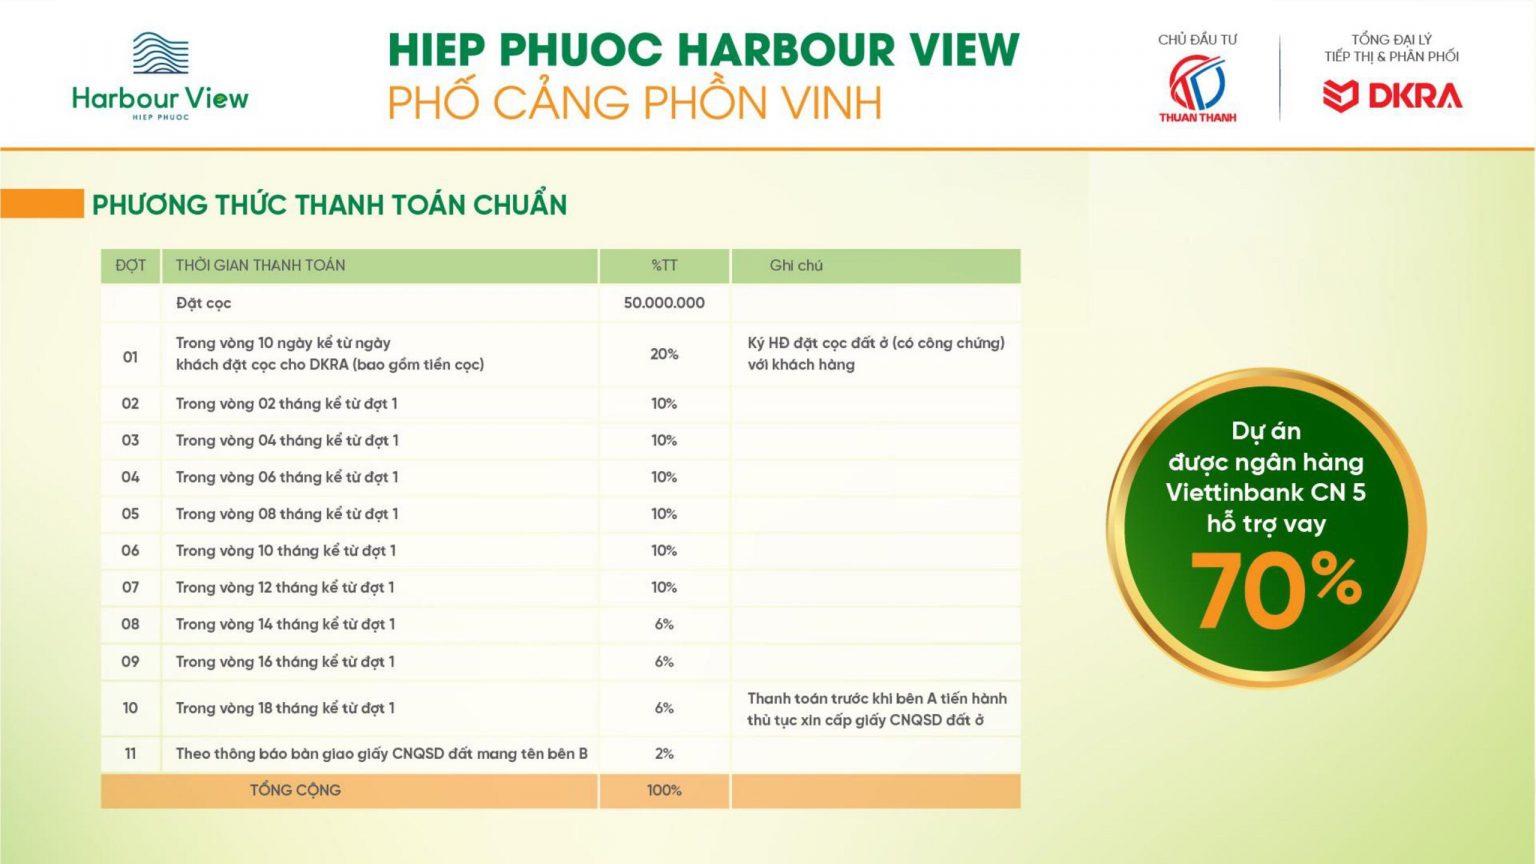 Cập nhật bảng giá Hiệp Phước Harbour View | Giá Bán Mới Nhất【03/2021】Từ Chủ Đầu Tư Thuận Thành 2021 10